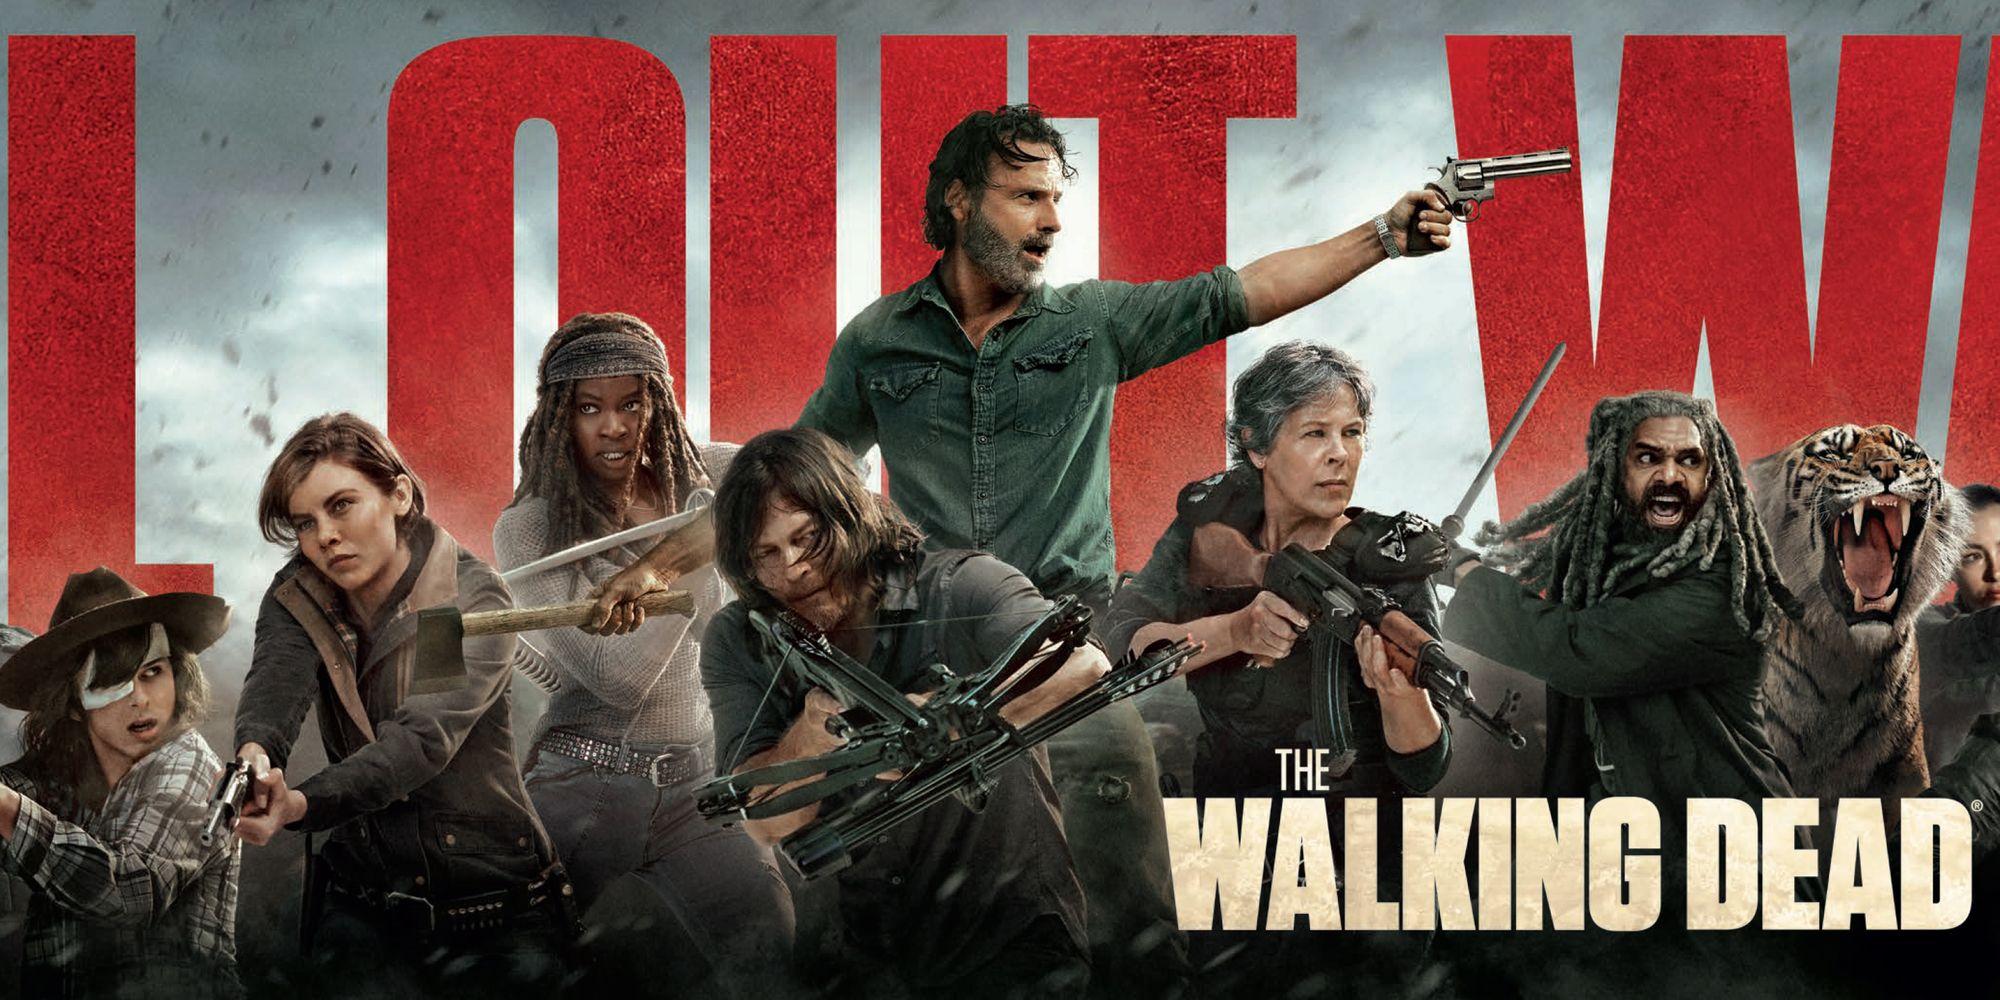 The.Walking.Dead.S01.Season.1.Complete[XWRteam] (download ...